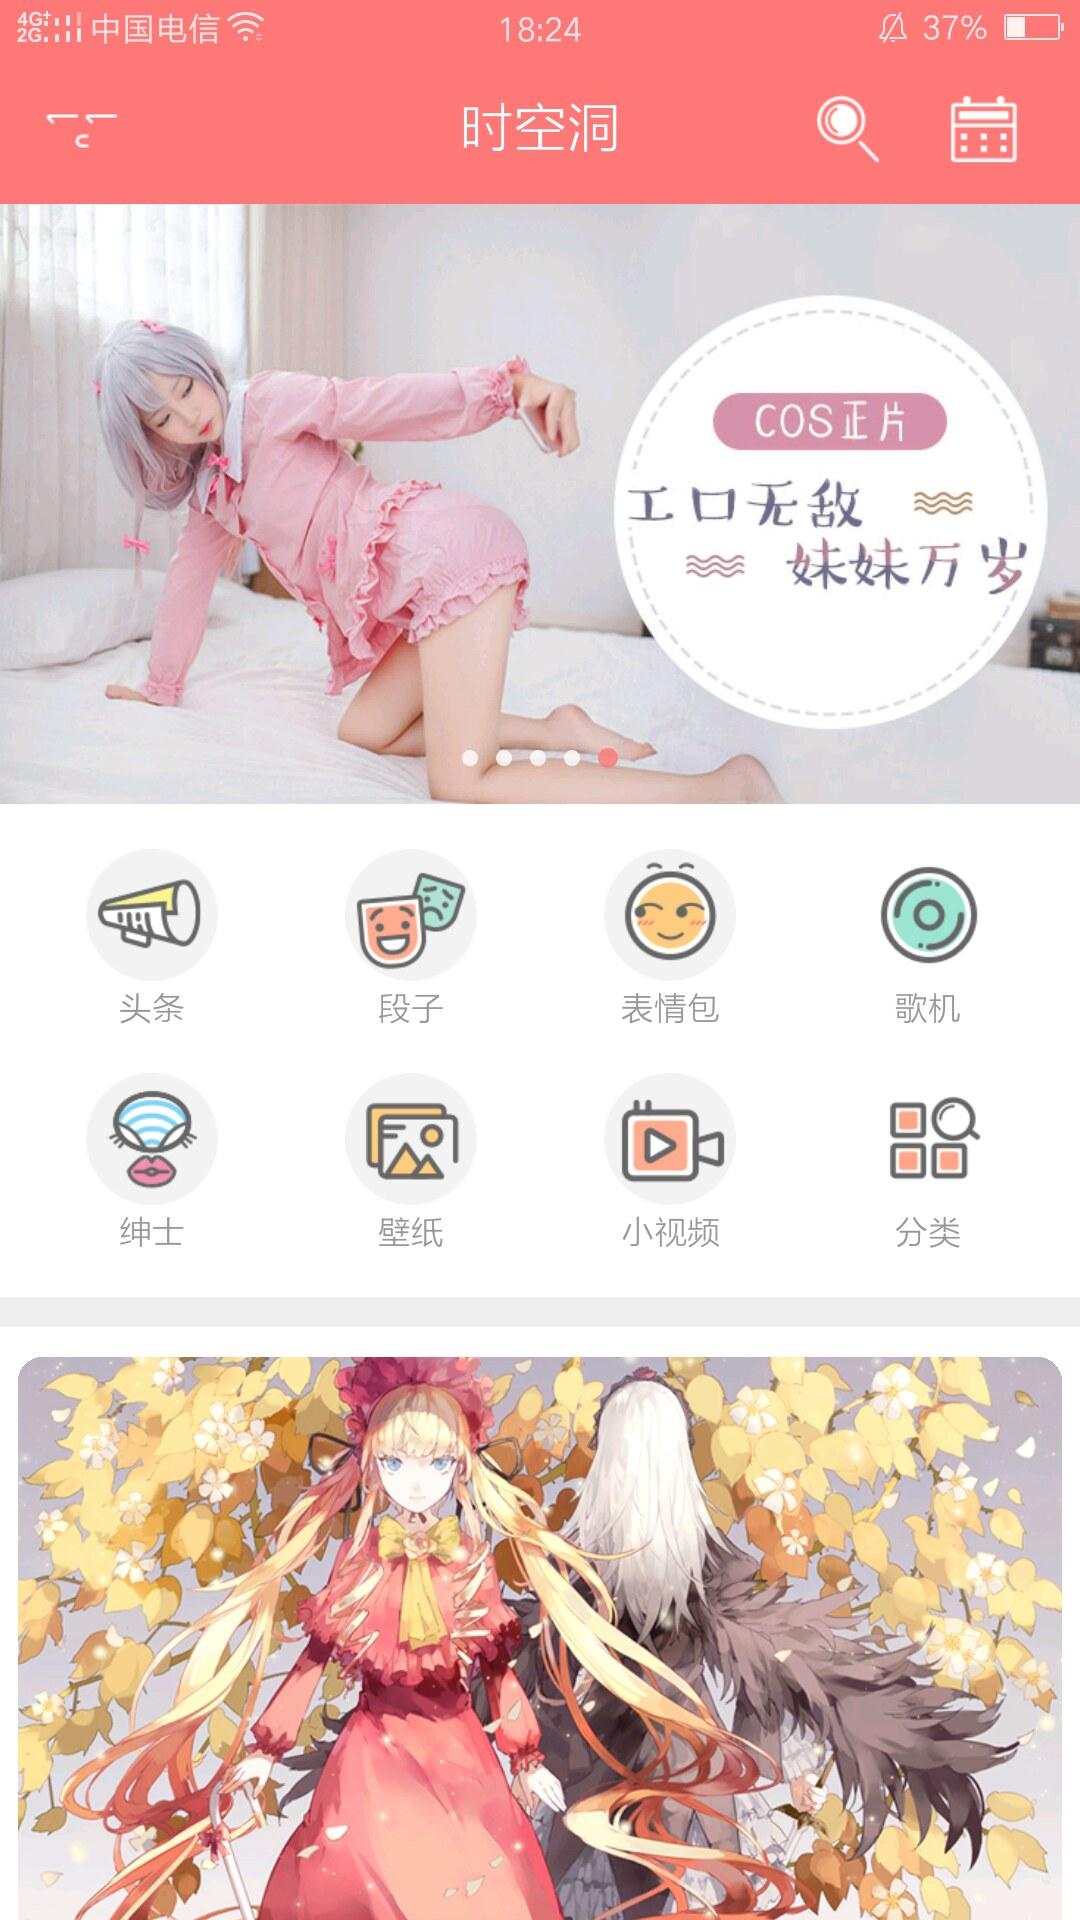 【分享】呆呆酱v2.4.5 摆脱单身狗身份!-爱小助